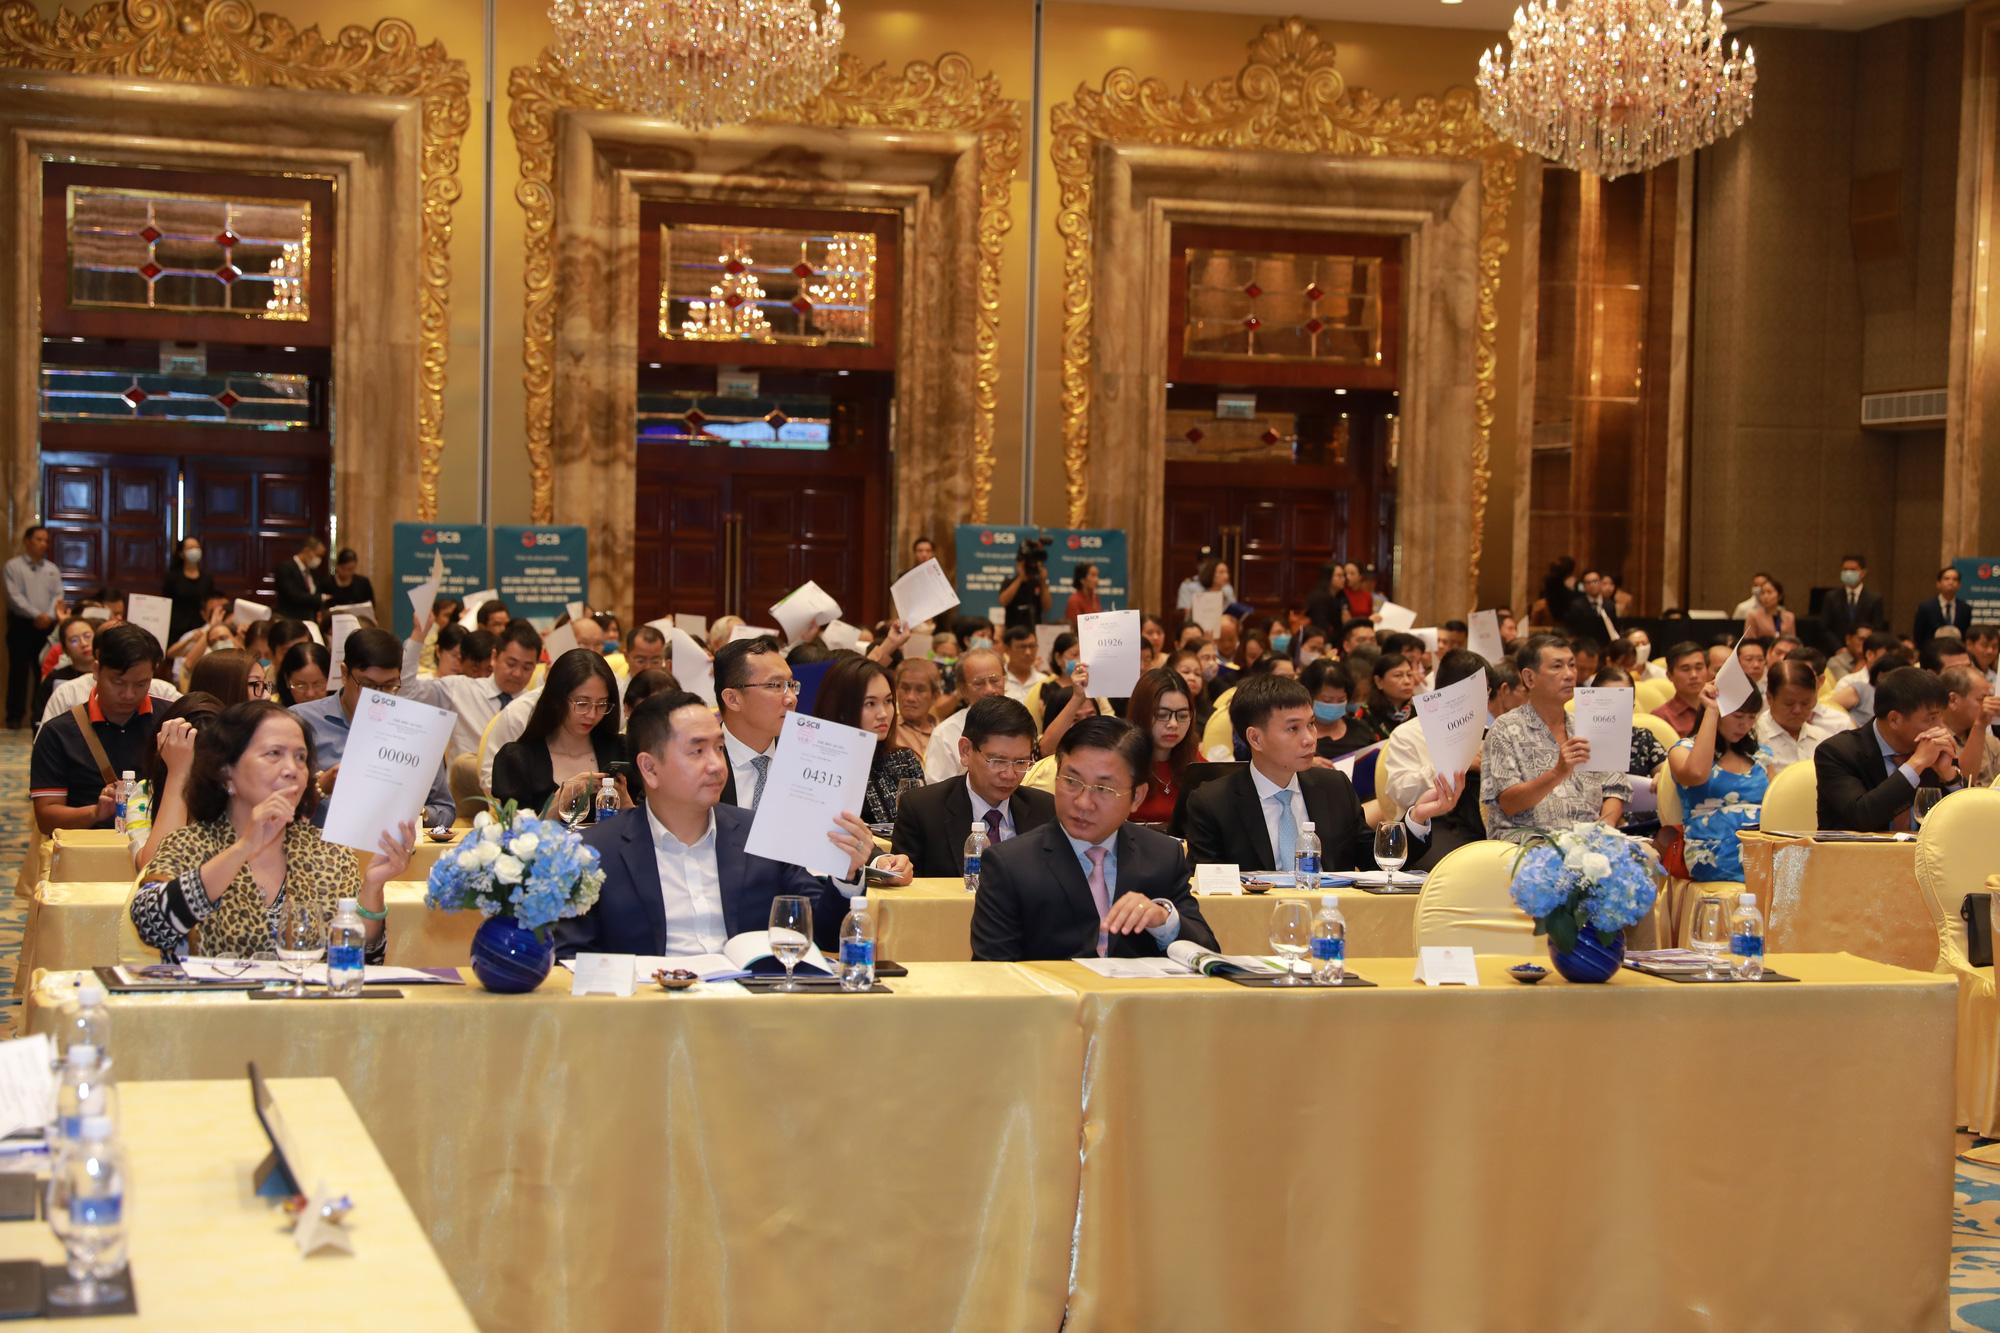 SCB tổ chức thành công Đại hội đồng cổ đông thường niên năm 2019 - Ảnh 1.